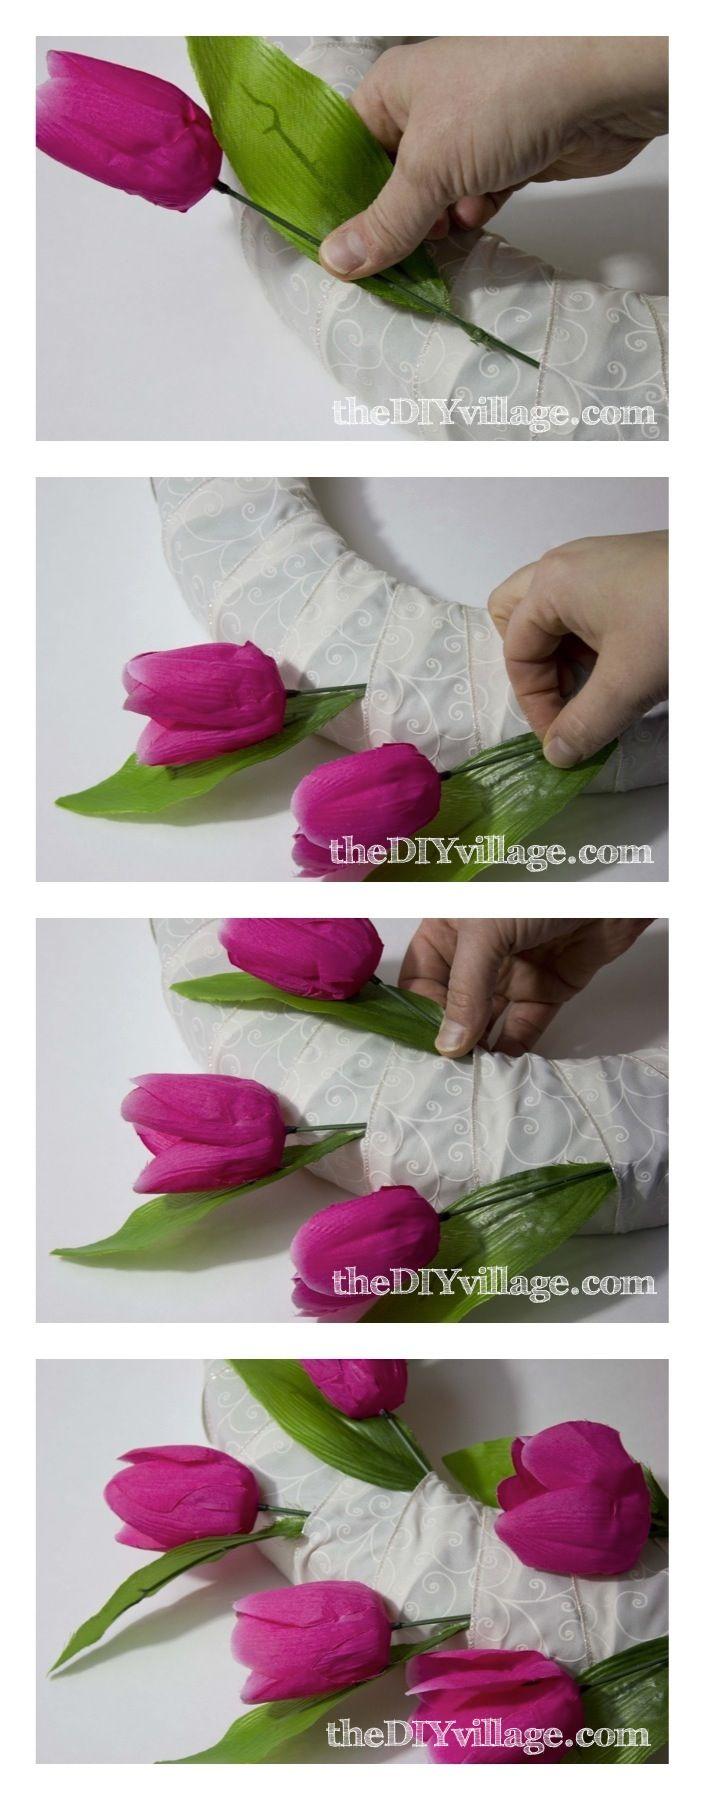 Tulip Door Wreath Tutorial by: theDIYvillage.com